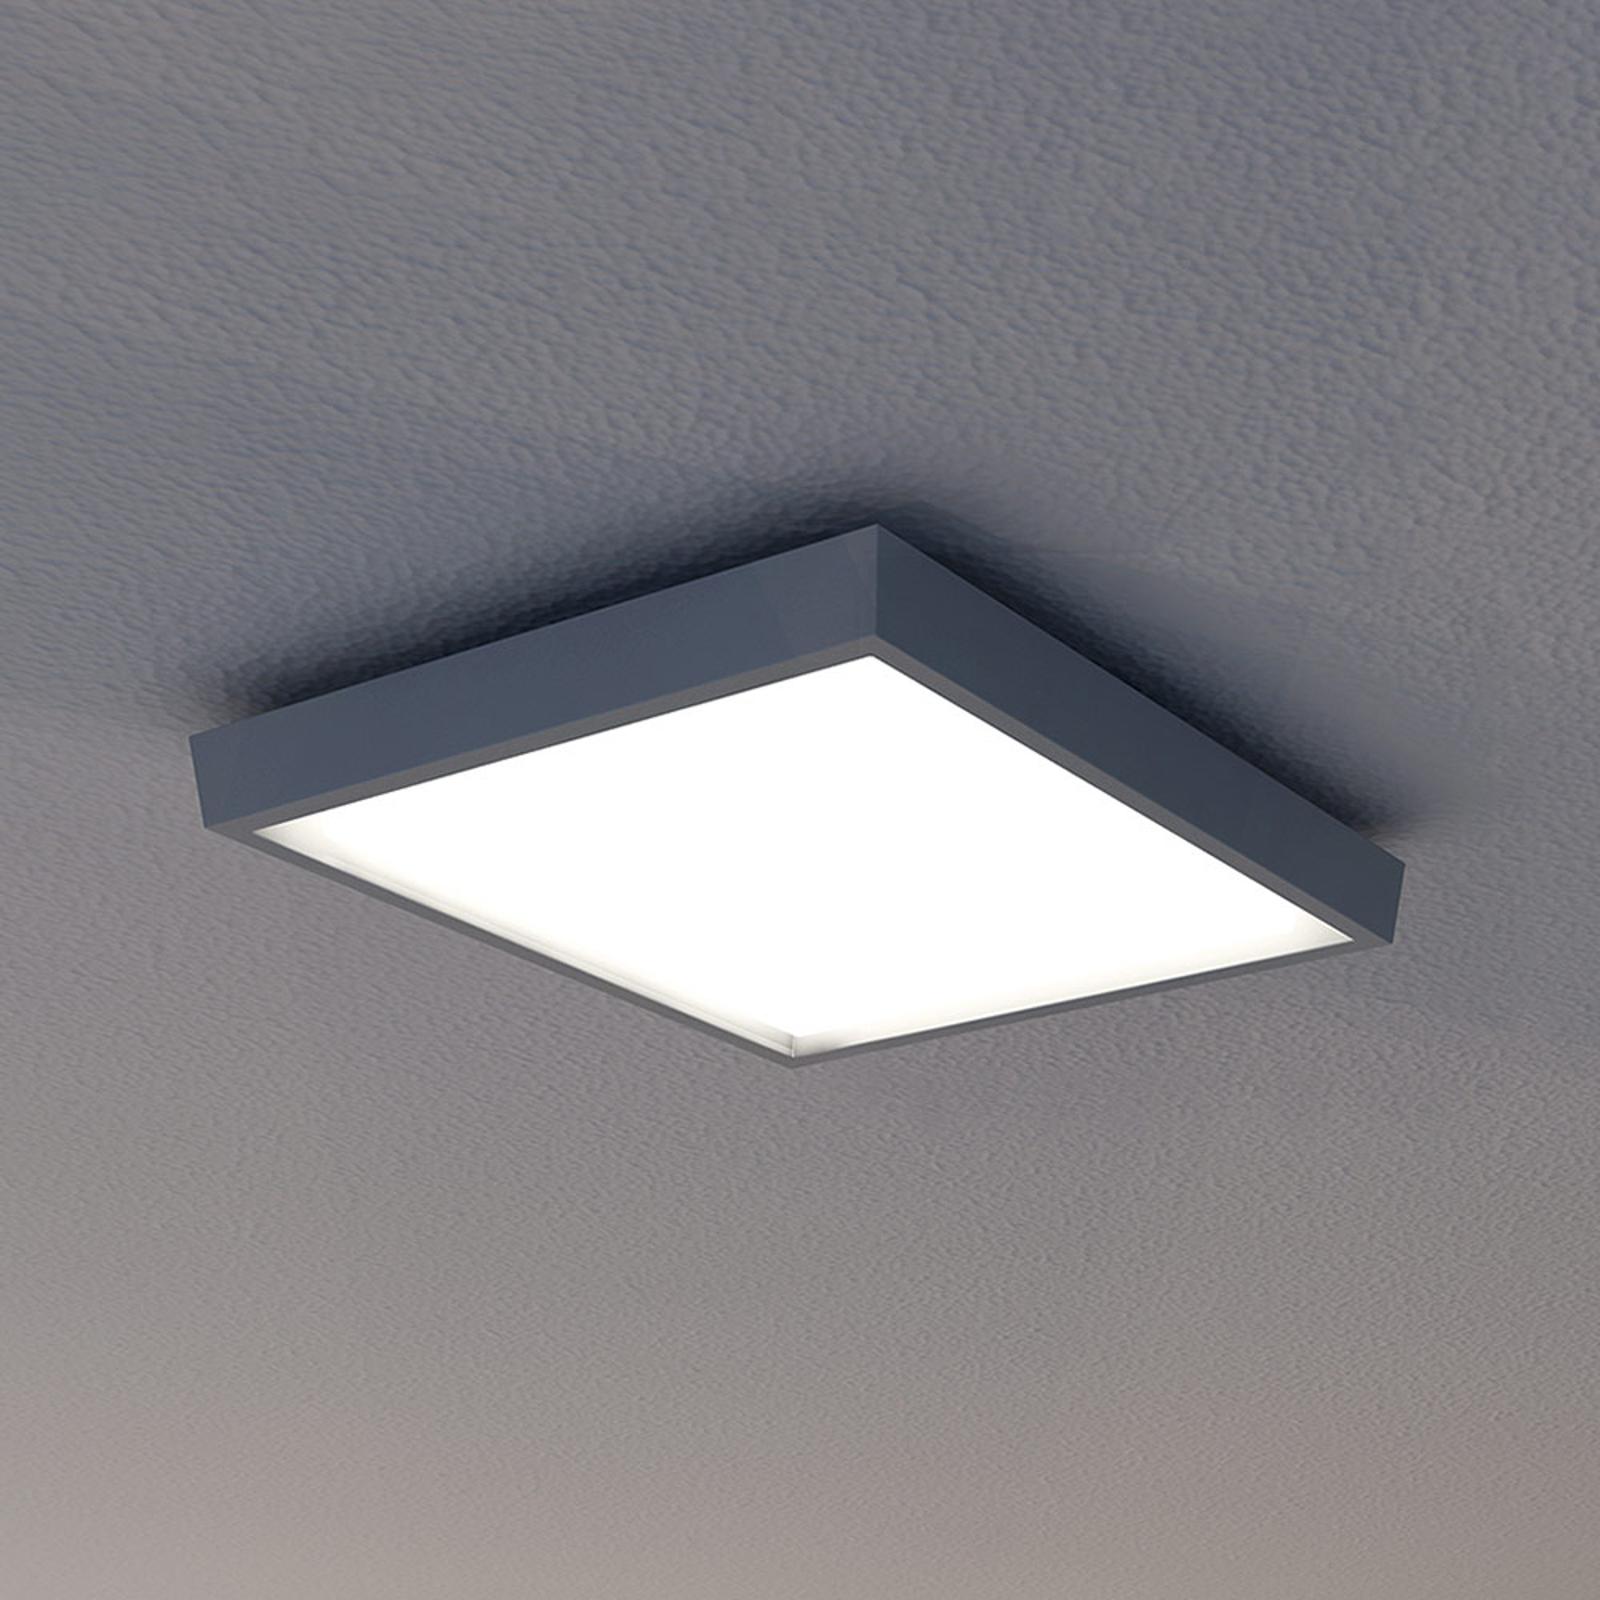 Näve LED venkovní svítidlo IP54, antracit, 27 x 27 cm